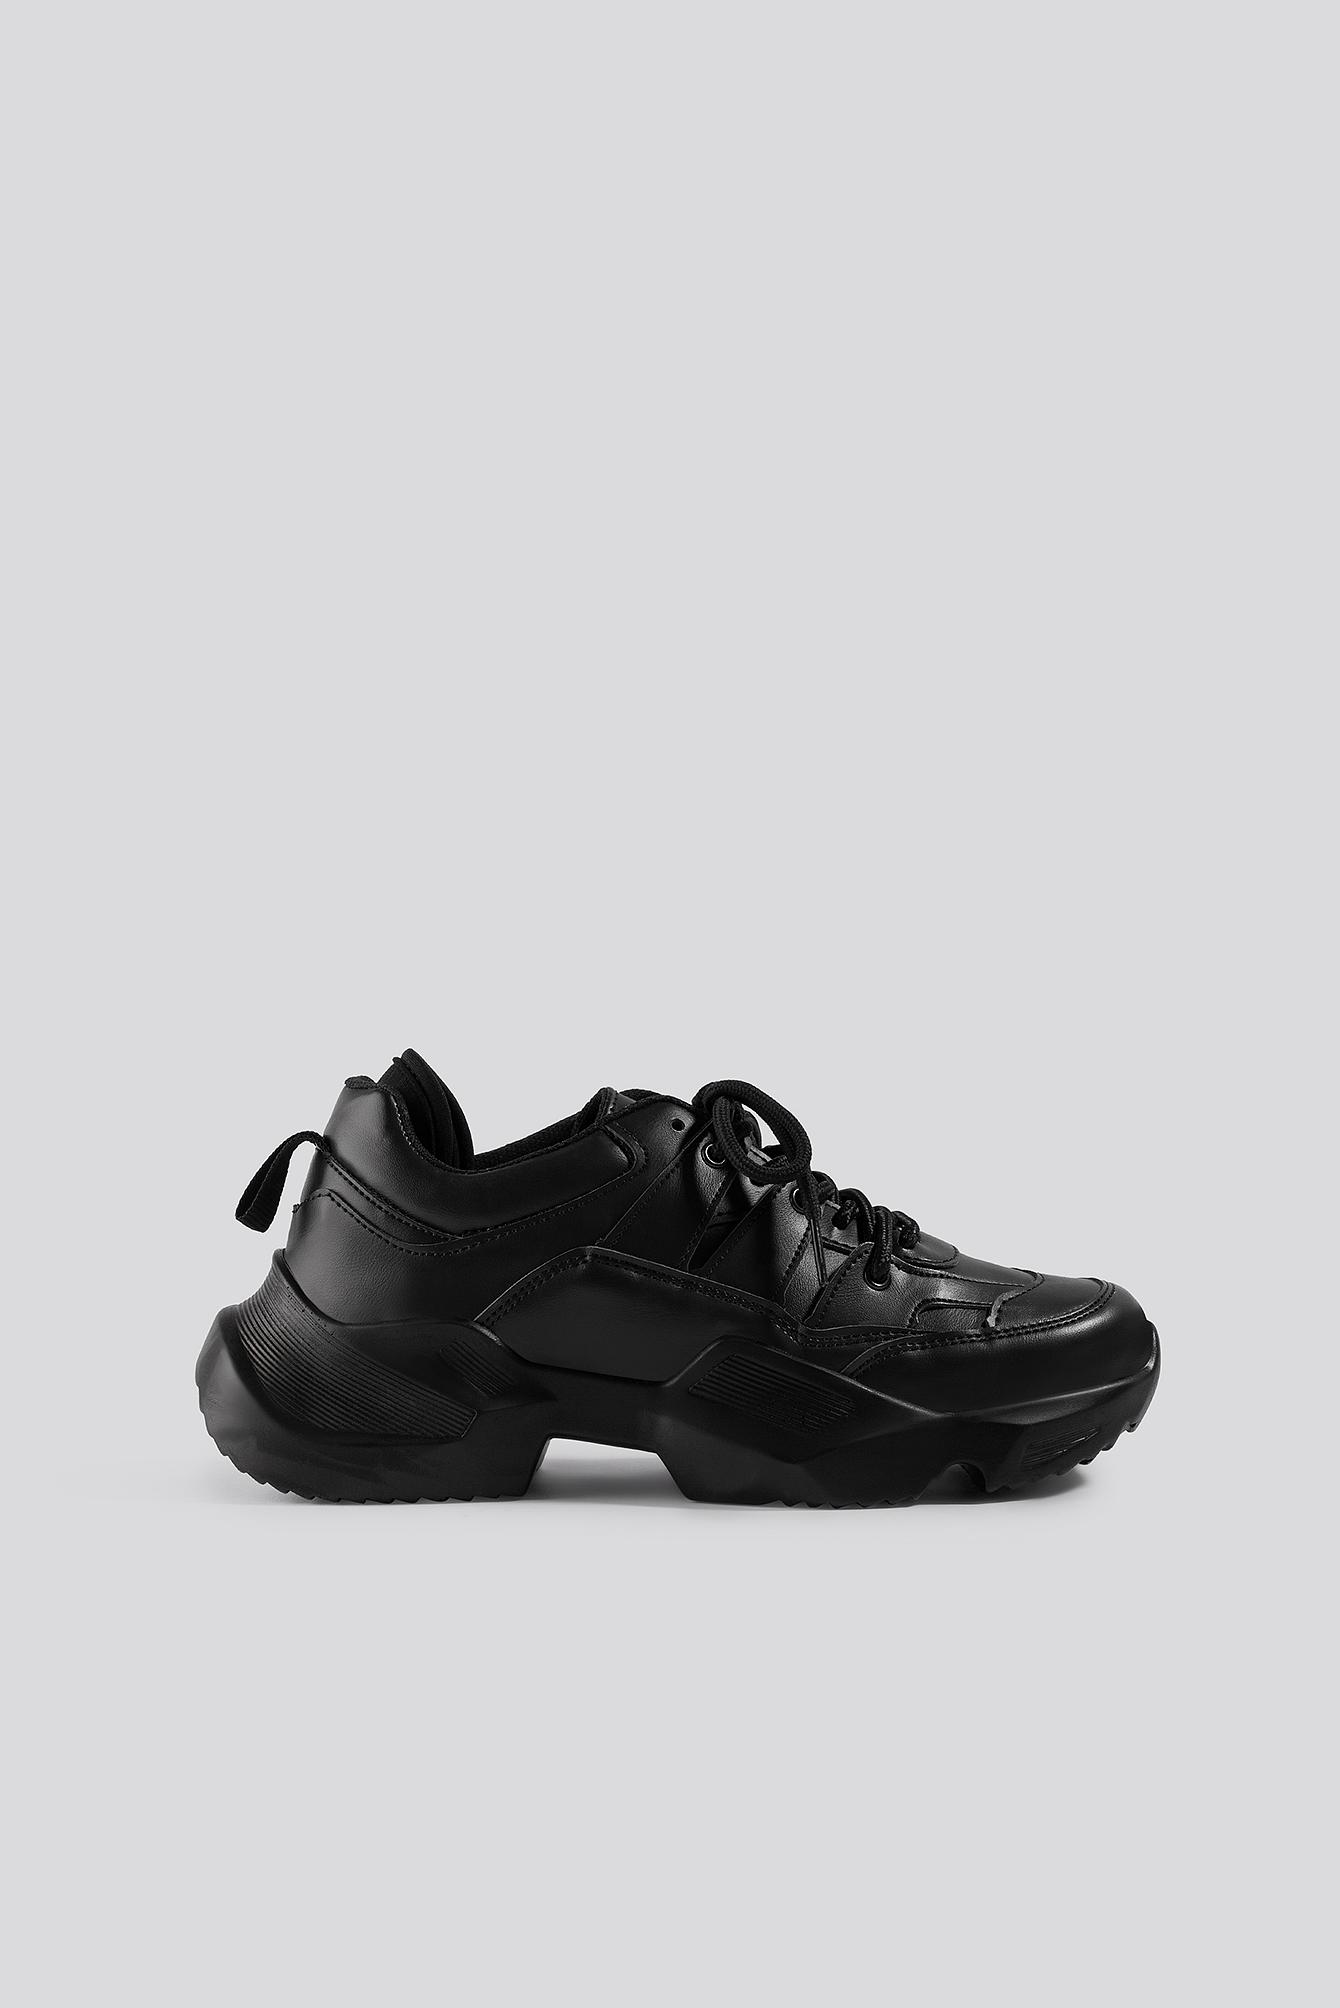 danny saucedo x na-kd -  Chunky Sneaker - Black